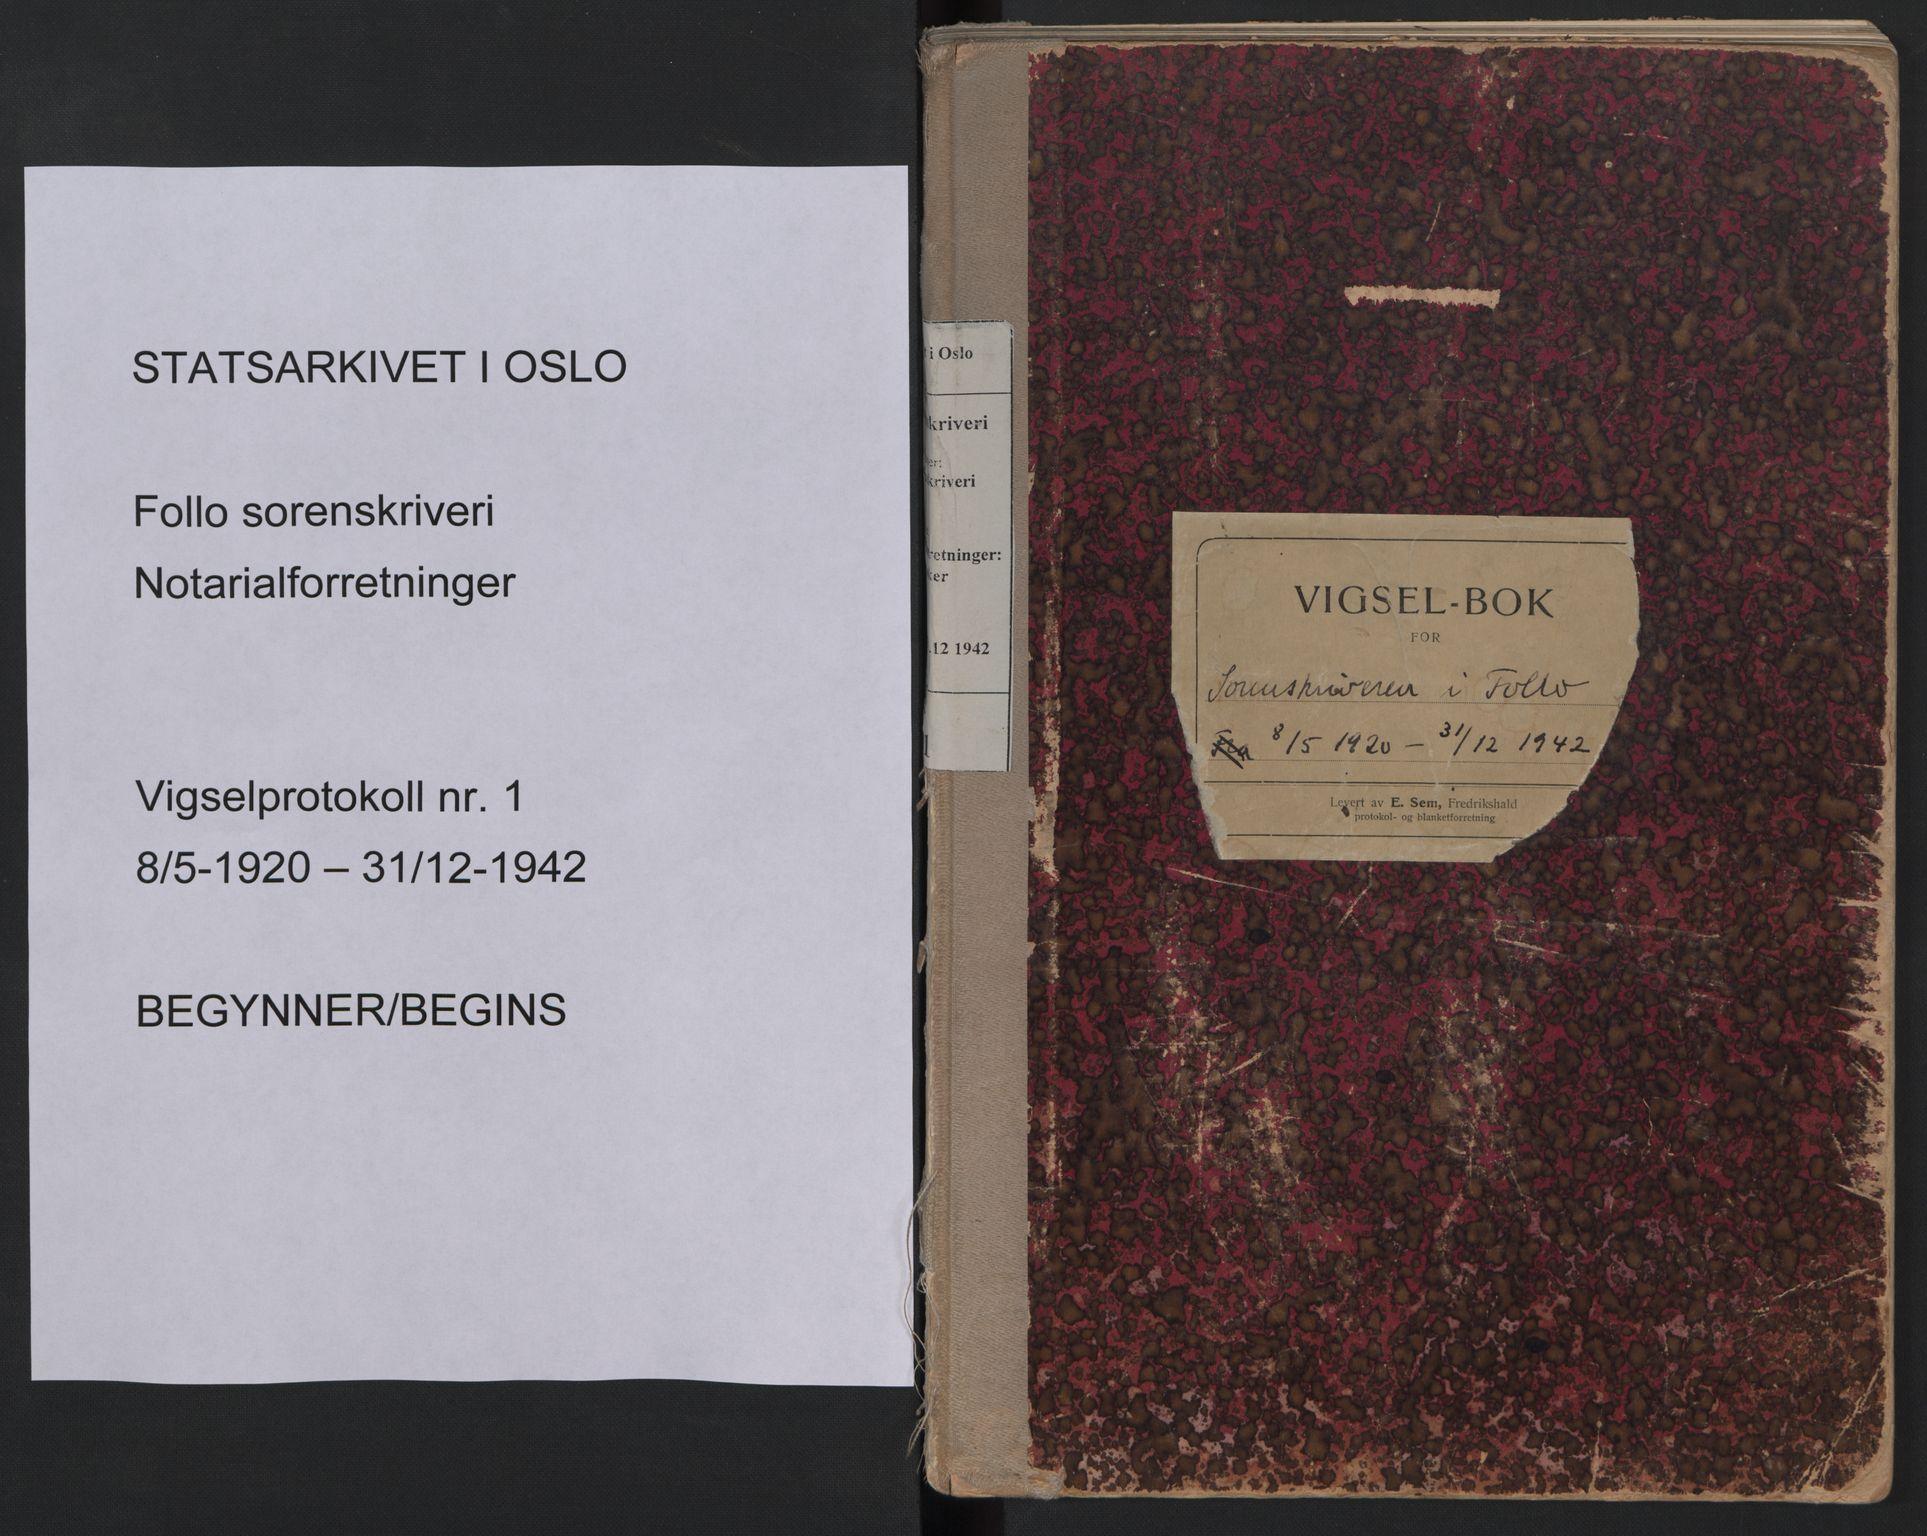 SAO, Follo sorenskriveri, L/La/Lab/L0001: Vigselsbok, 1920-1942, s. upaginert